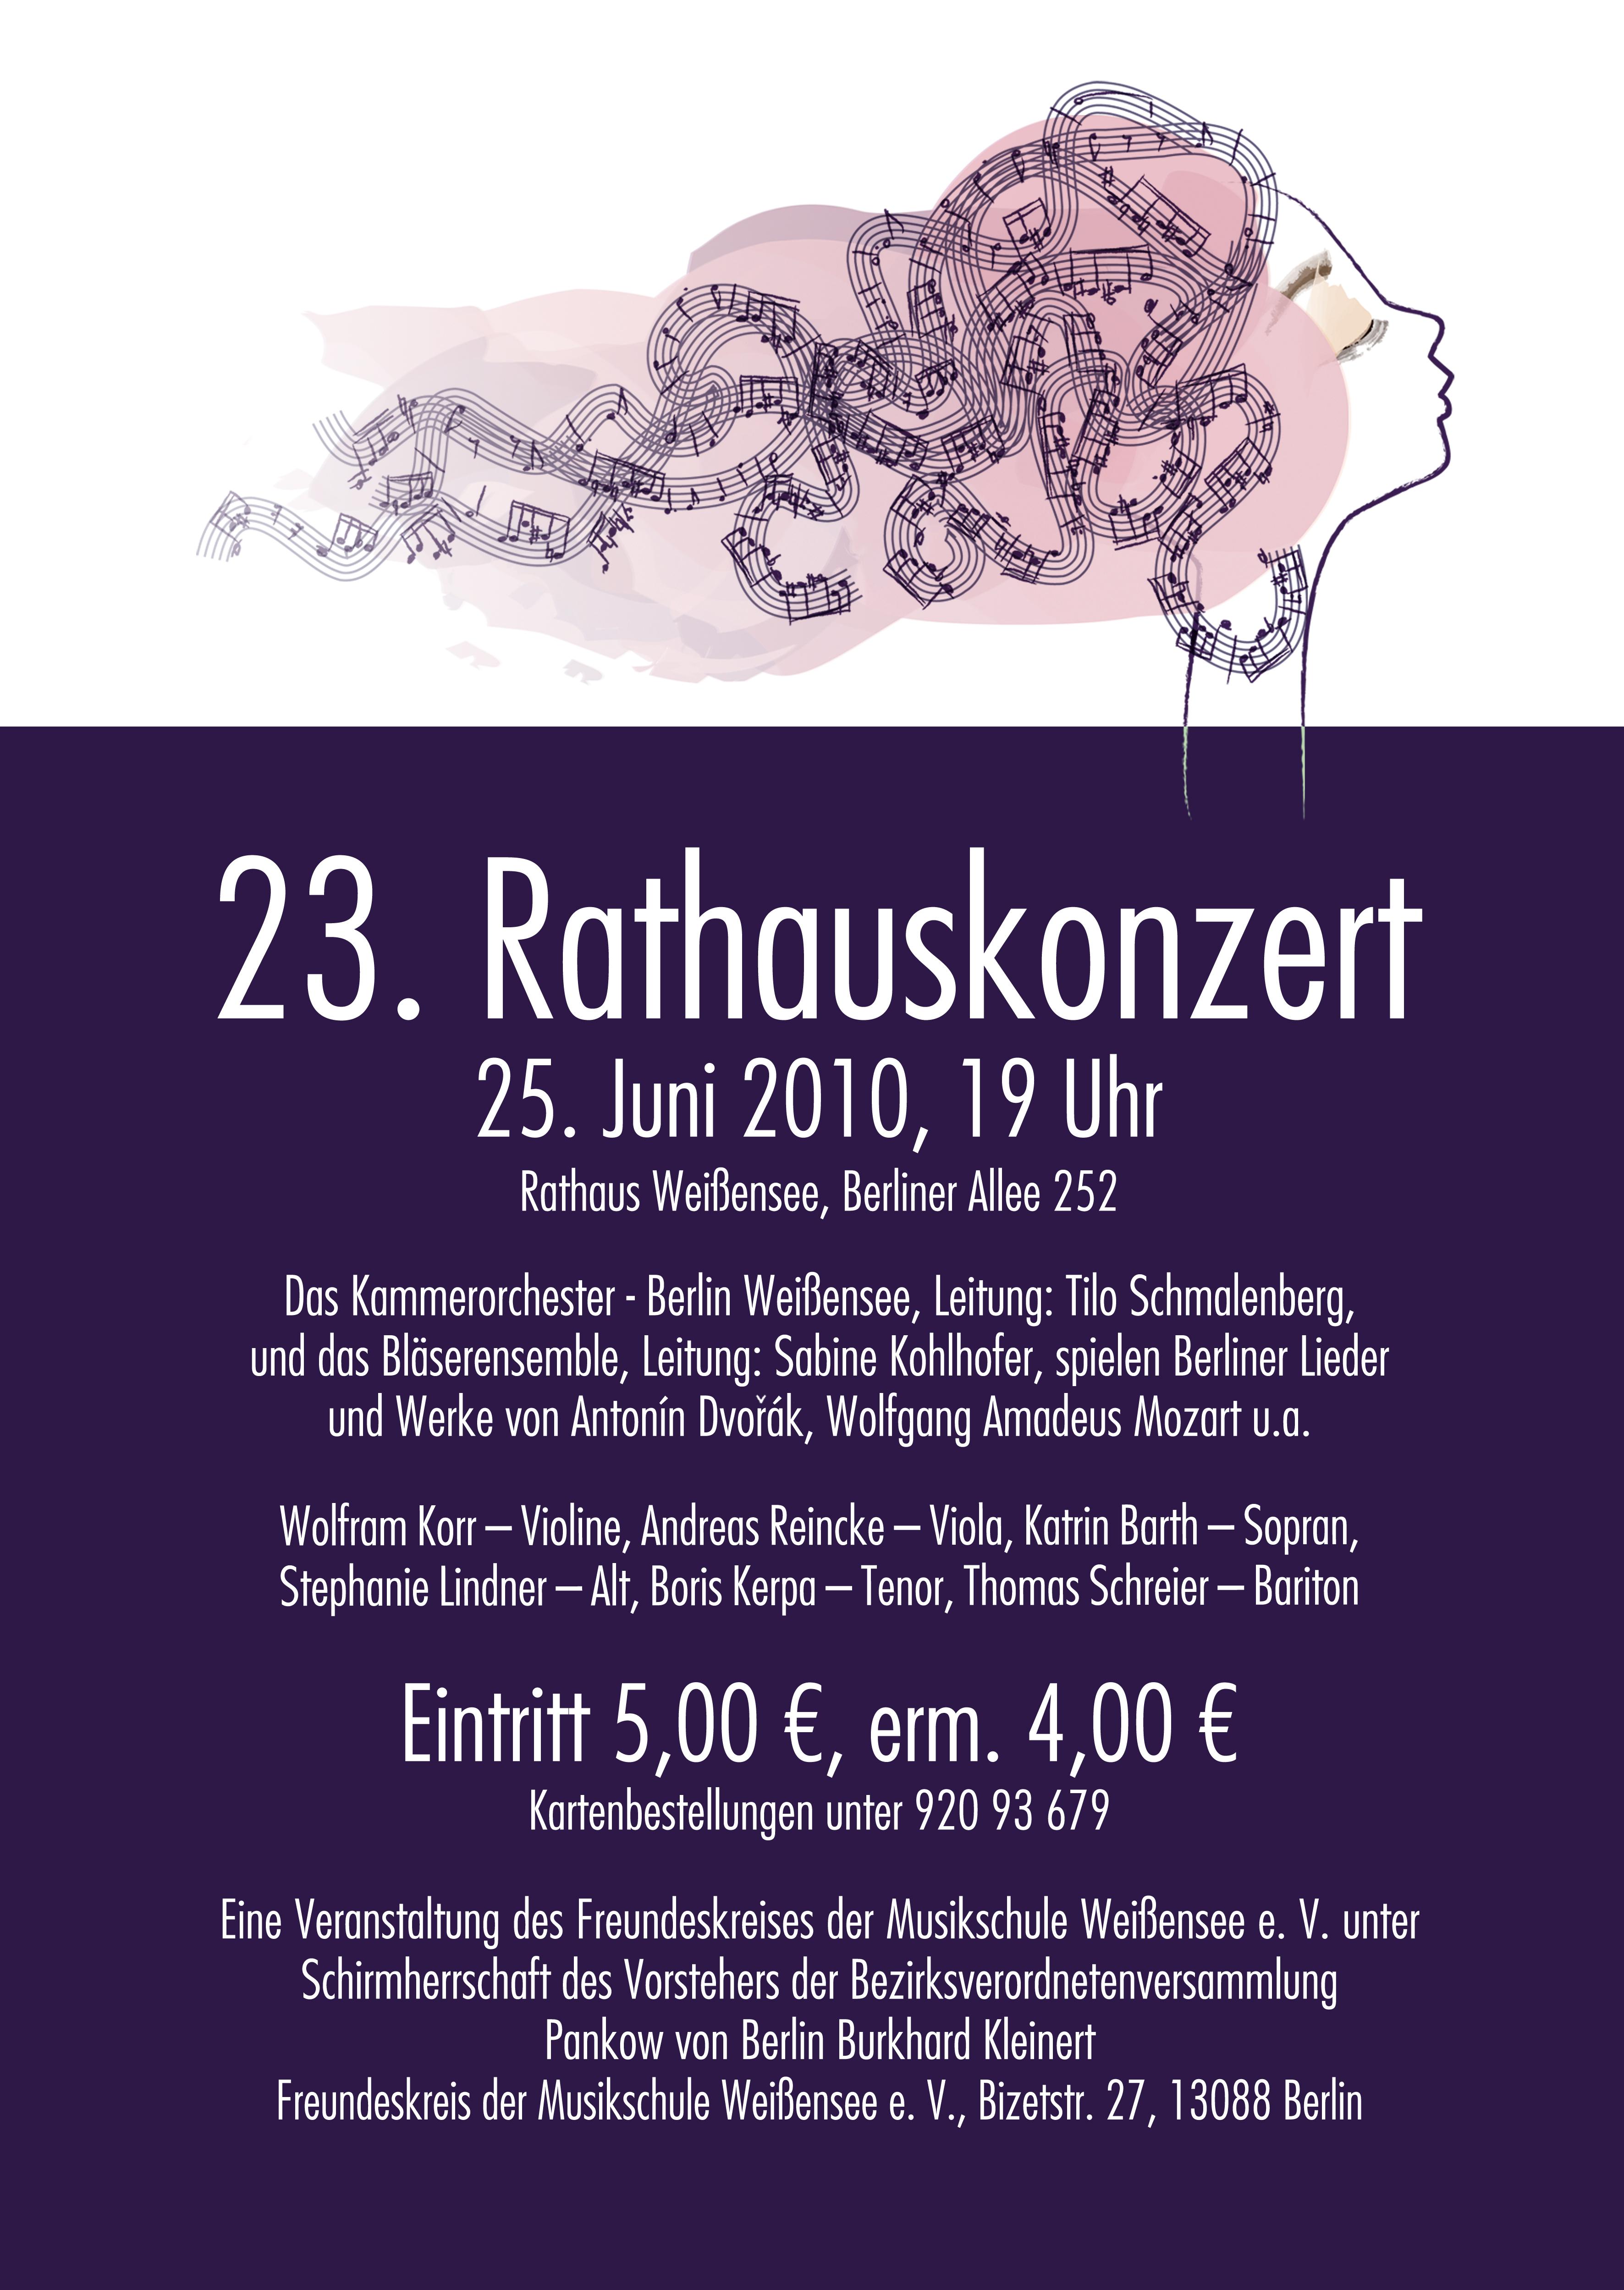 23. Rathauskonzert